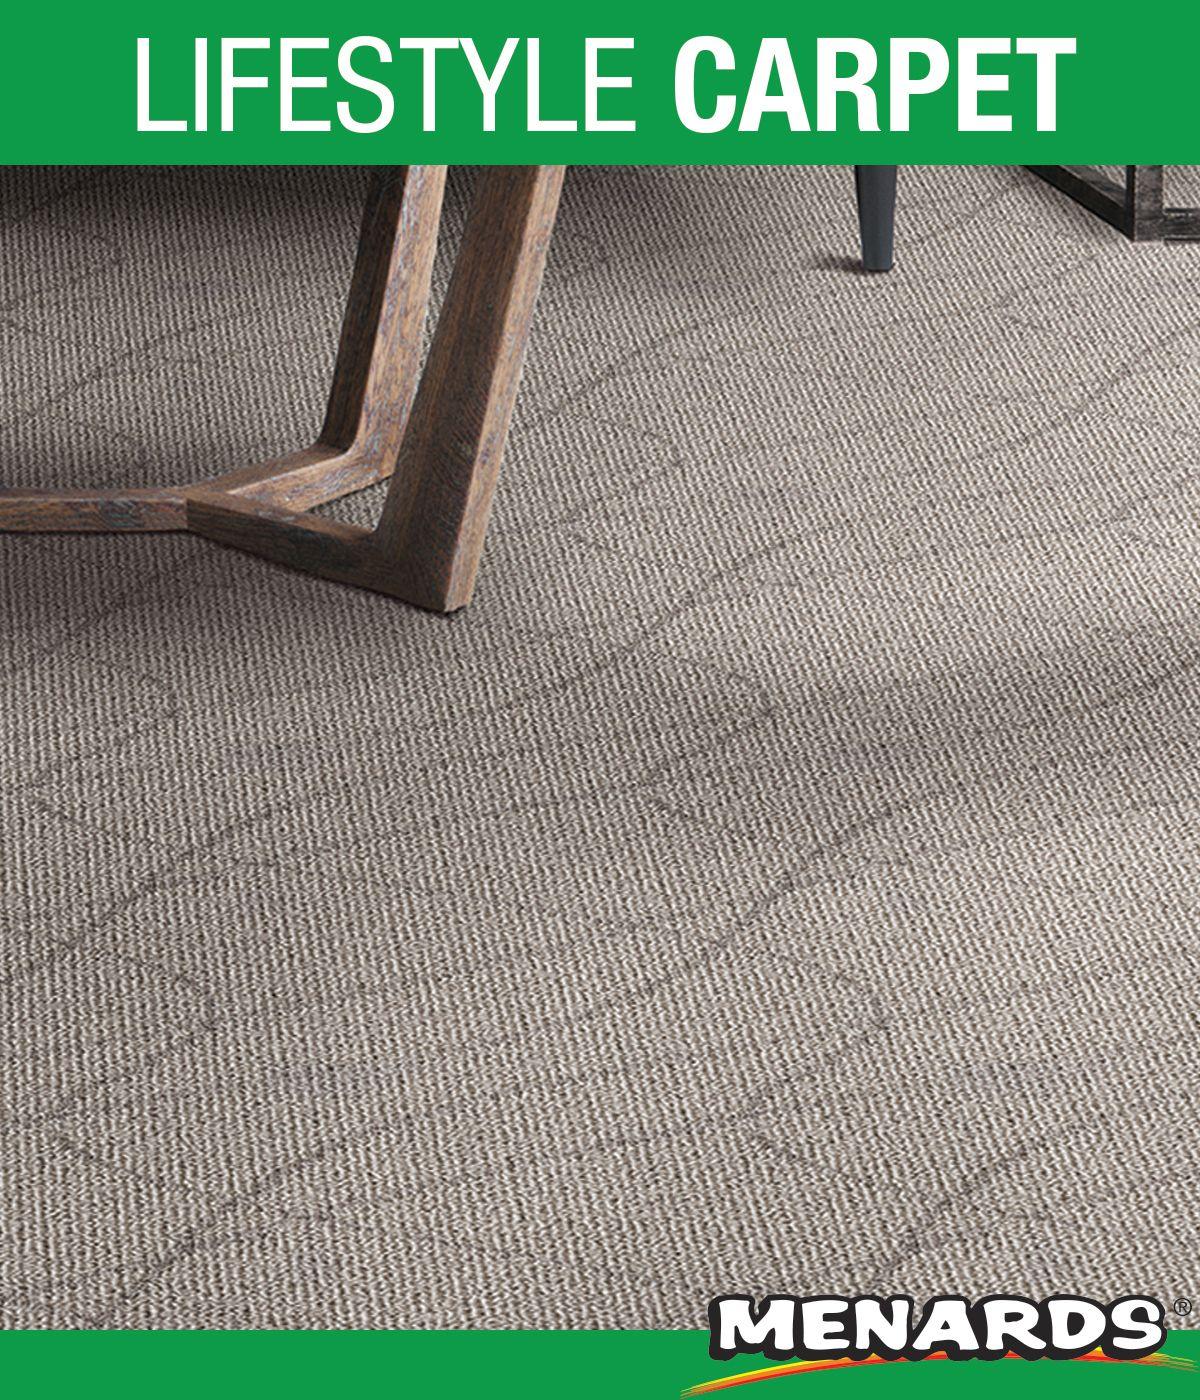 U Carpet Habit Level Loop Carpet 12 Ft Wide In 2020 Carpet Game Room Flooring